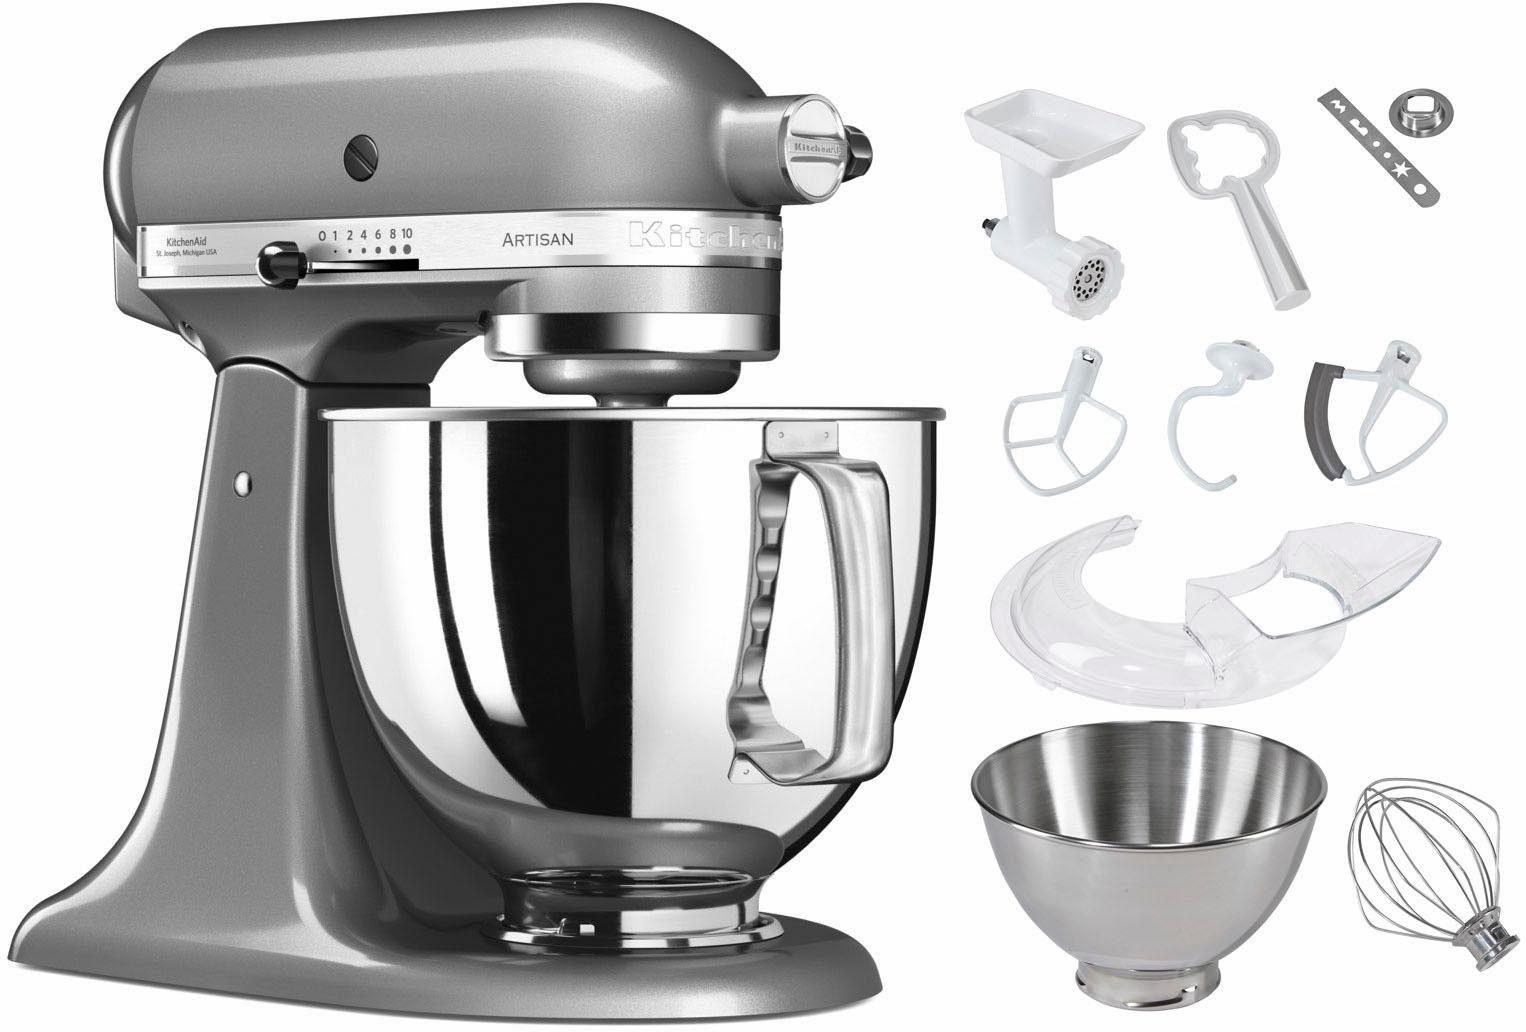 KitchenAid® Küchenmaschine 5KSM125ECU Artisan + Zubehör im Wert von 214,-€